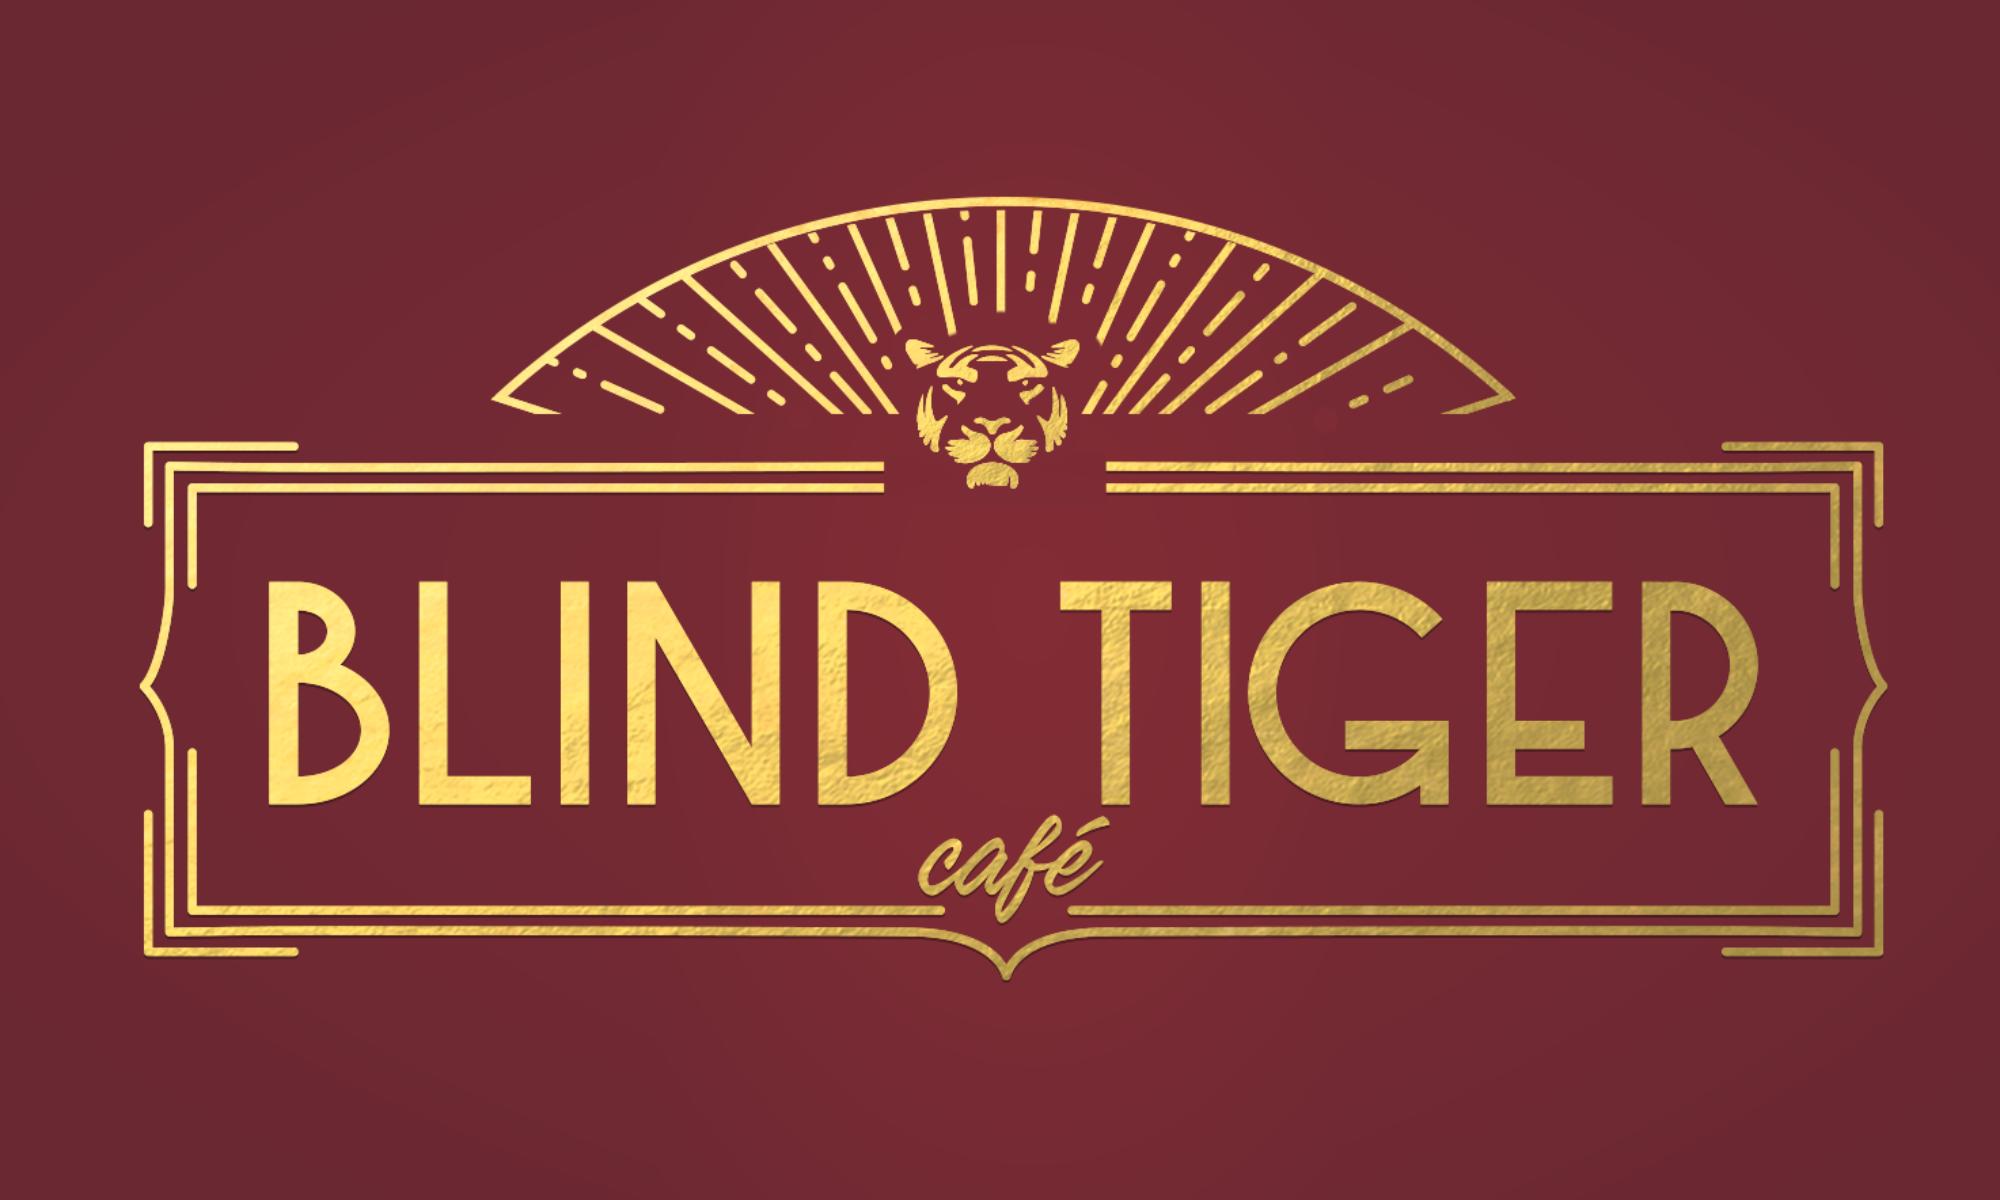 Blind Tiger Café